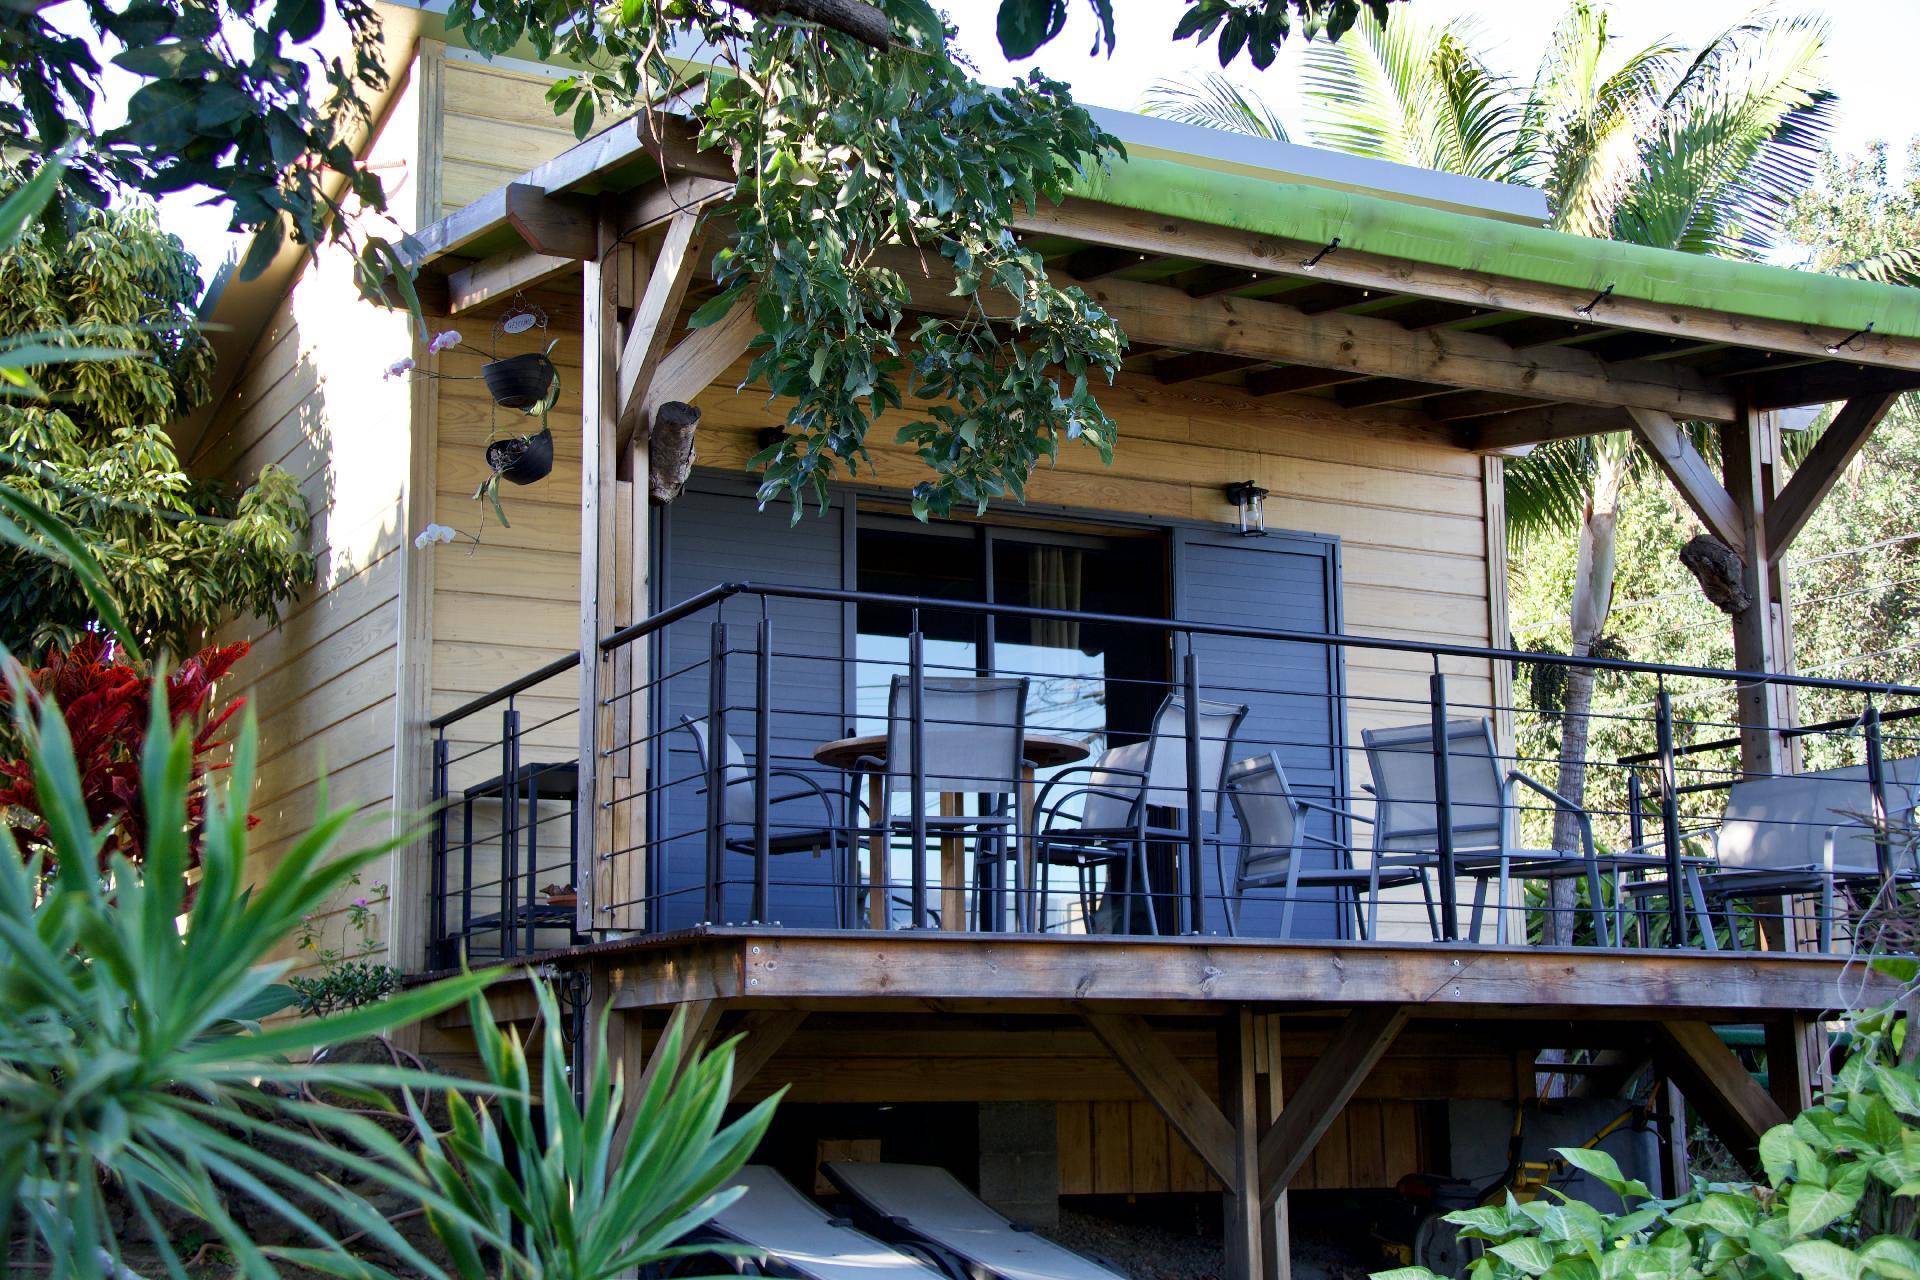 Ferienhaus für 4 Personen ca. 25 m² in S  in Afrika